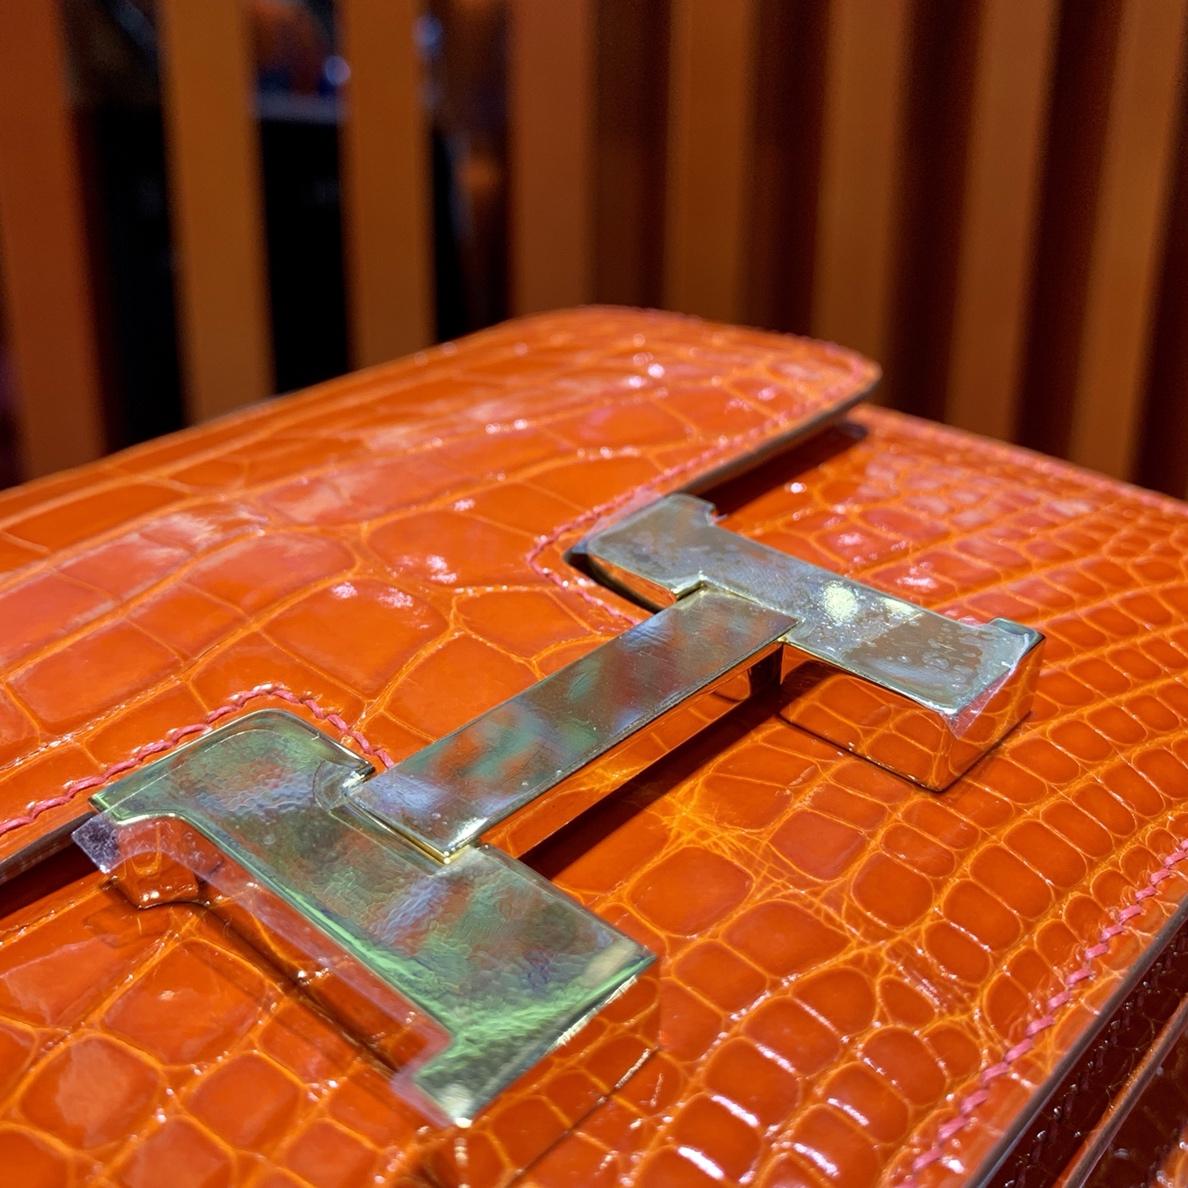 现货 爱马仕空姐包价格 Hermes Constance19CM美洲鳄鱼皮 橙色银扣